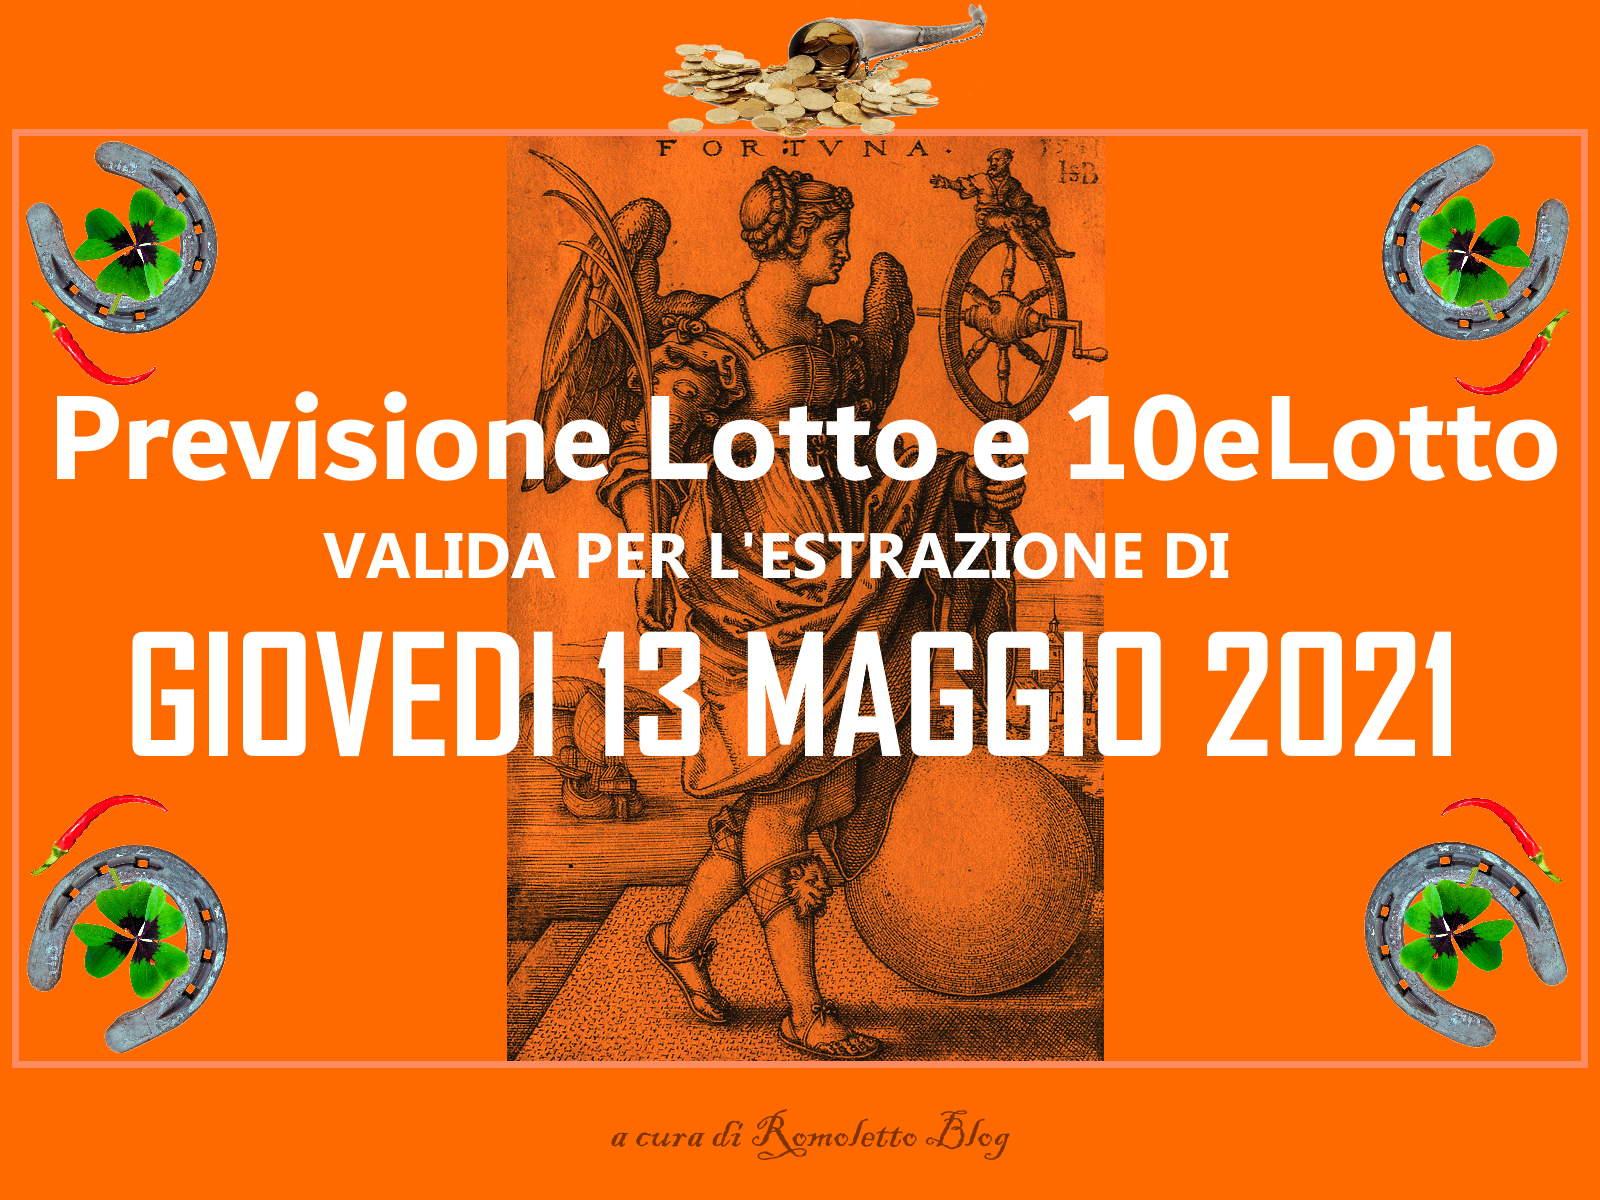 Previsione Lotto 13 Maggio 2021